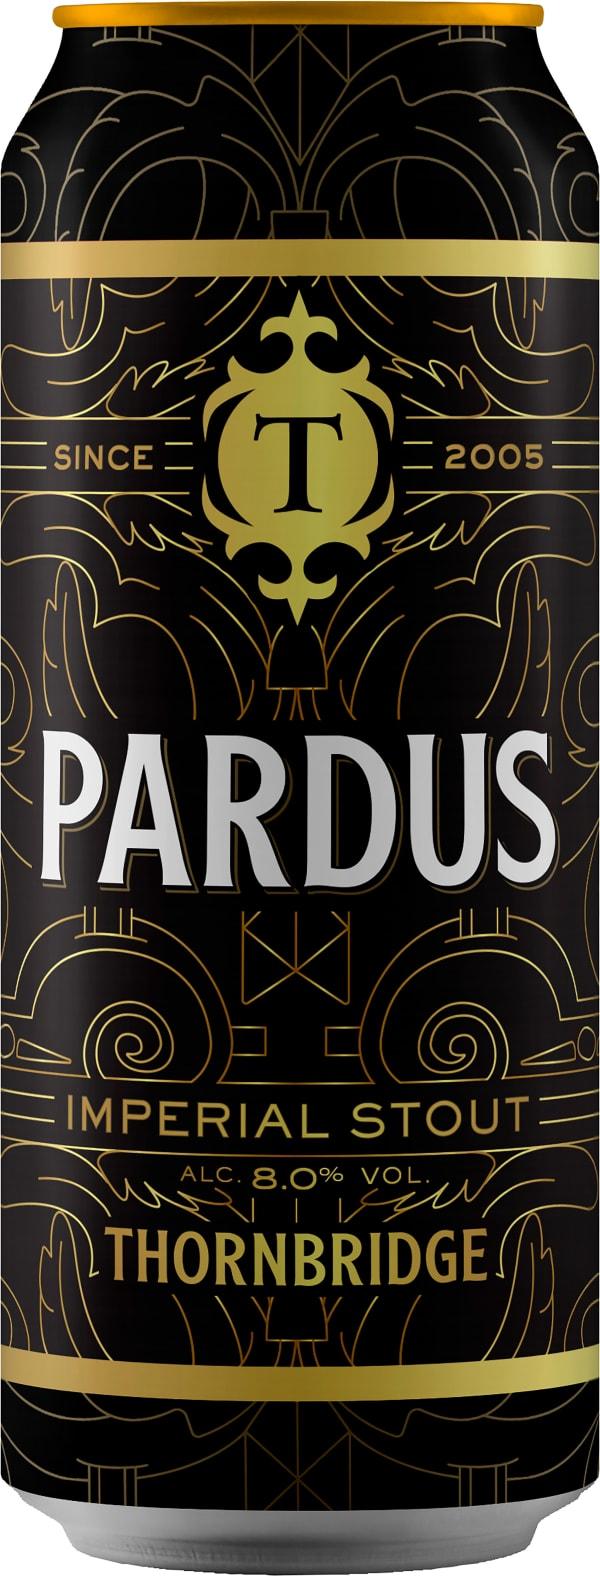 Thornbridge Pardus Imperial Stout can